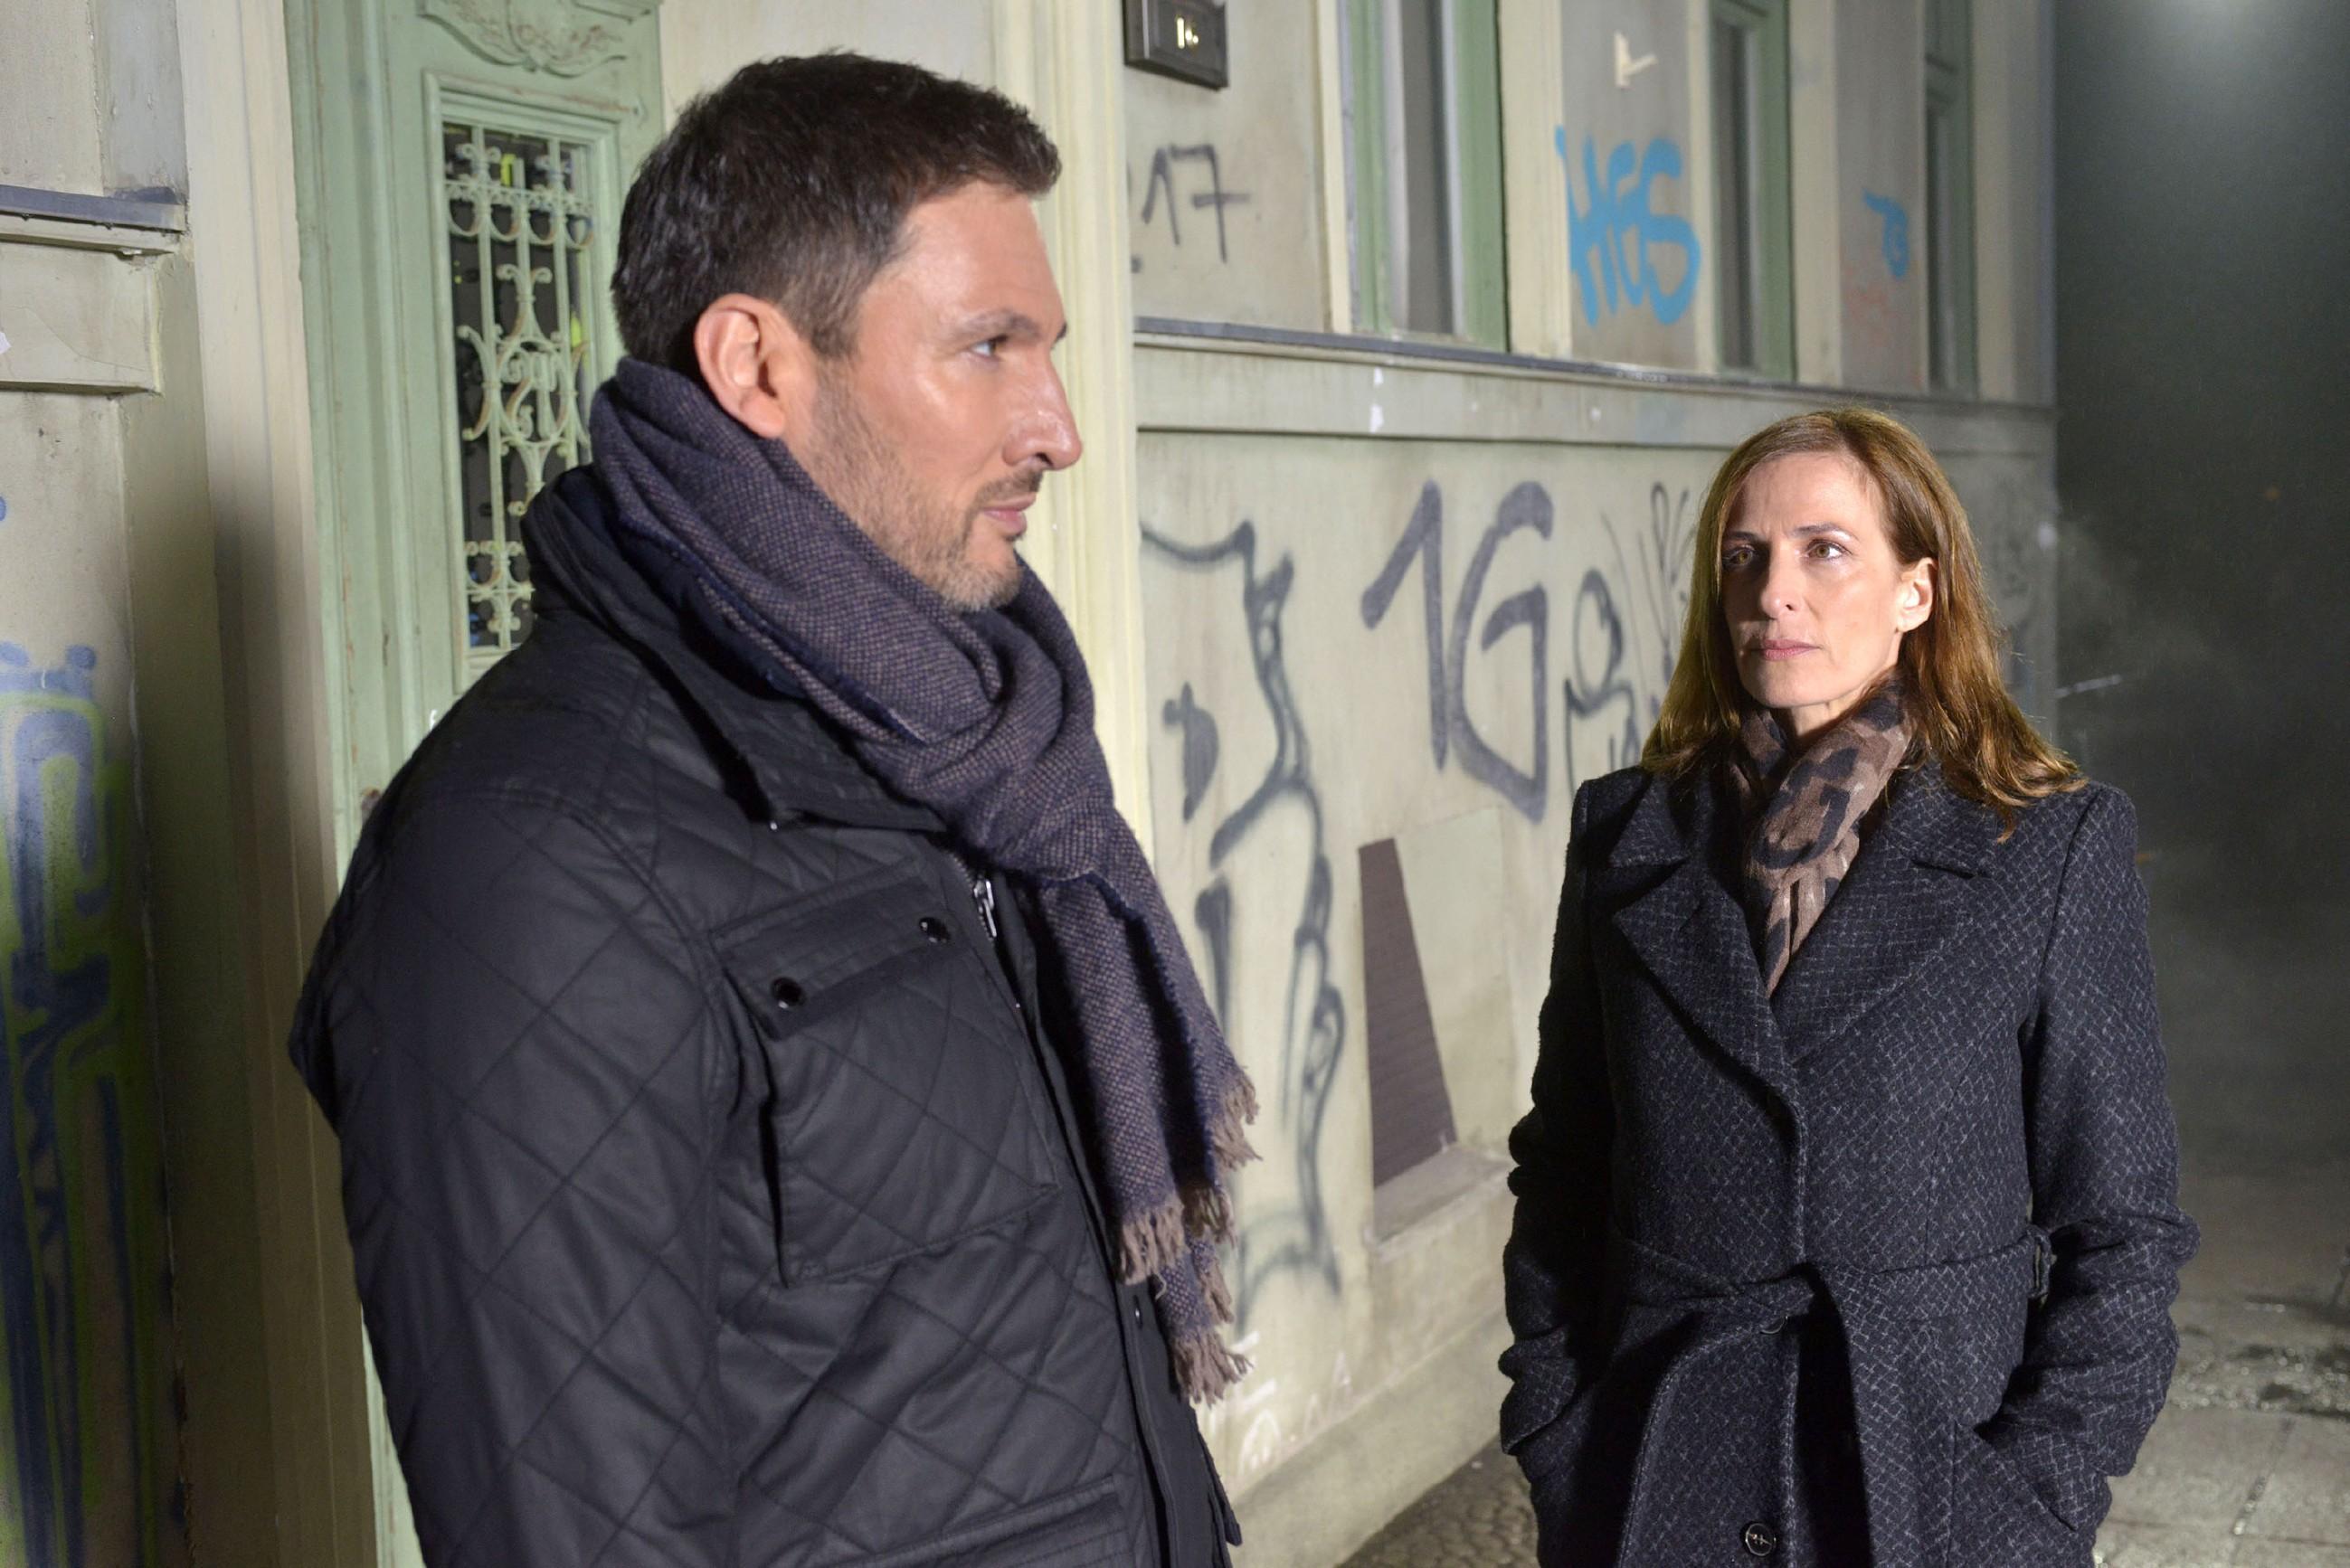 Traumsequenz: Katrin (Ulrike Frank) hat die Vision, dass Frederic (Dieter Bach) aus ihrem Leben verschwindet... (Quelle: RTL / Rolf Baumgartner)